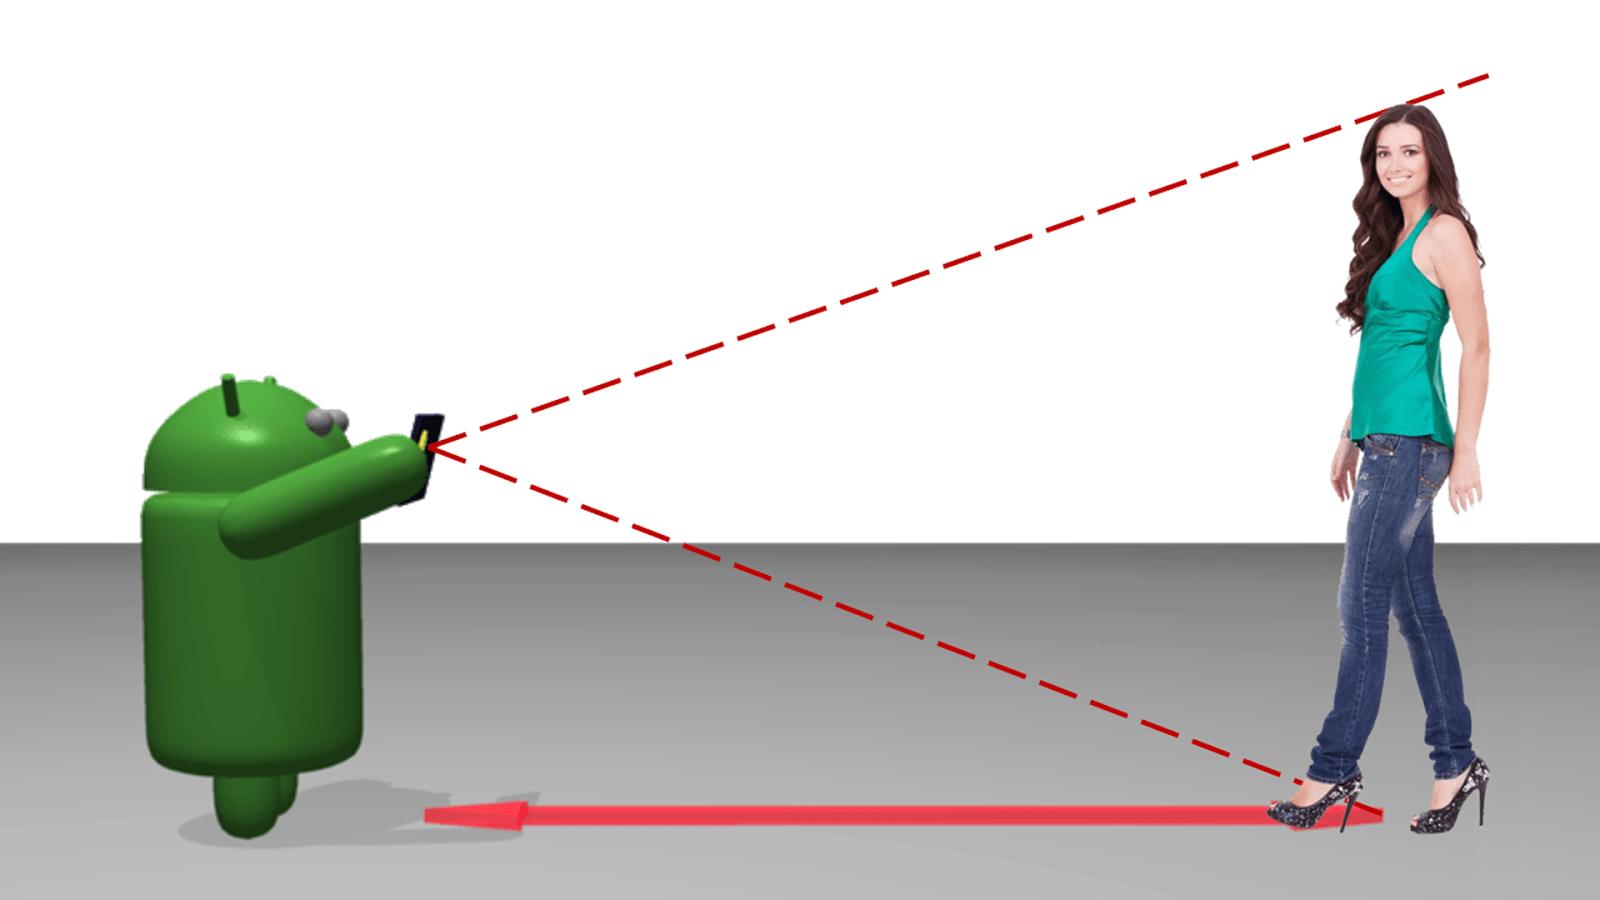 تحميل تطبيق لقياس الطول والمسافة